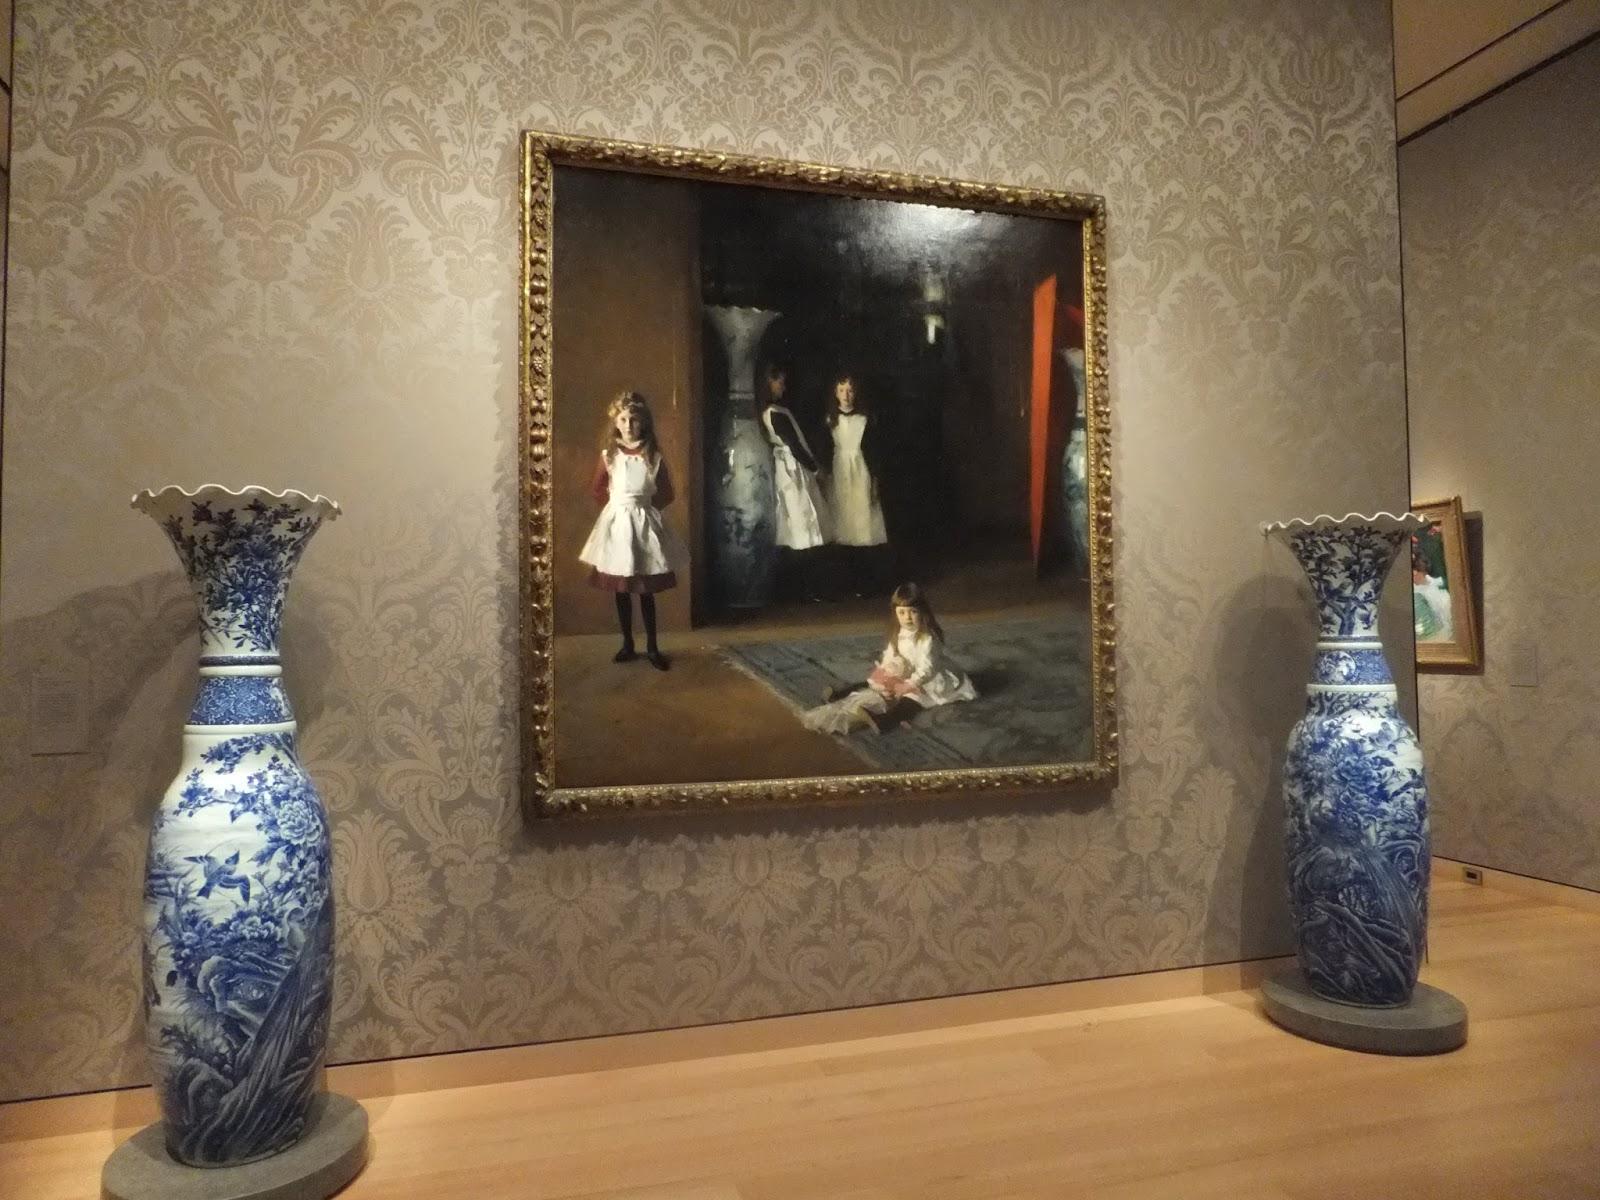 驚異の青い部屋: Sargent's Daug...